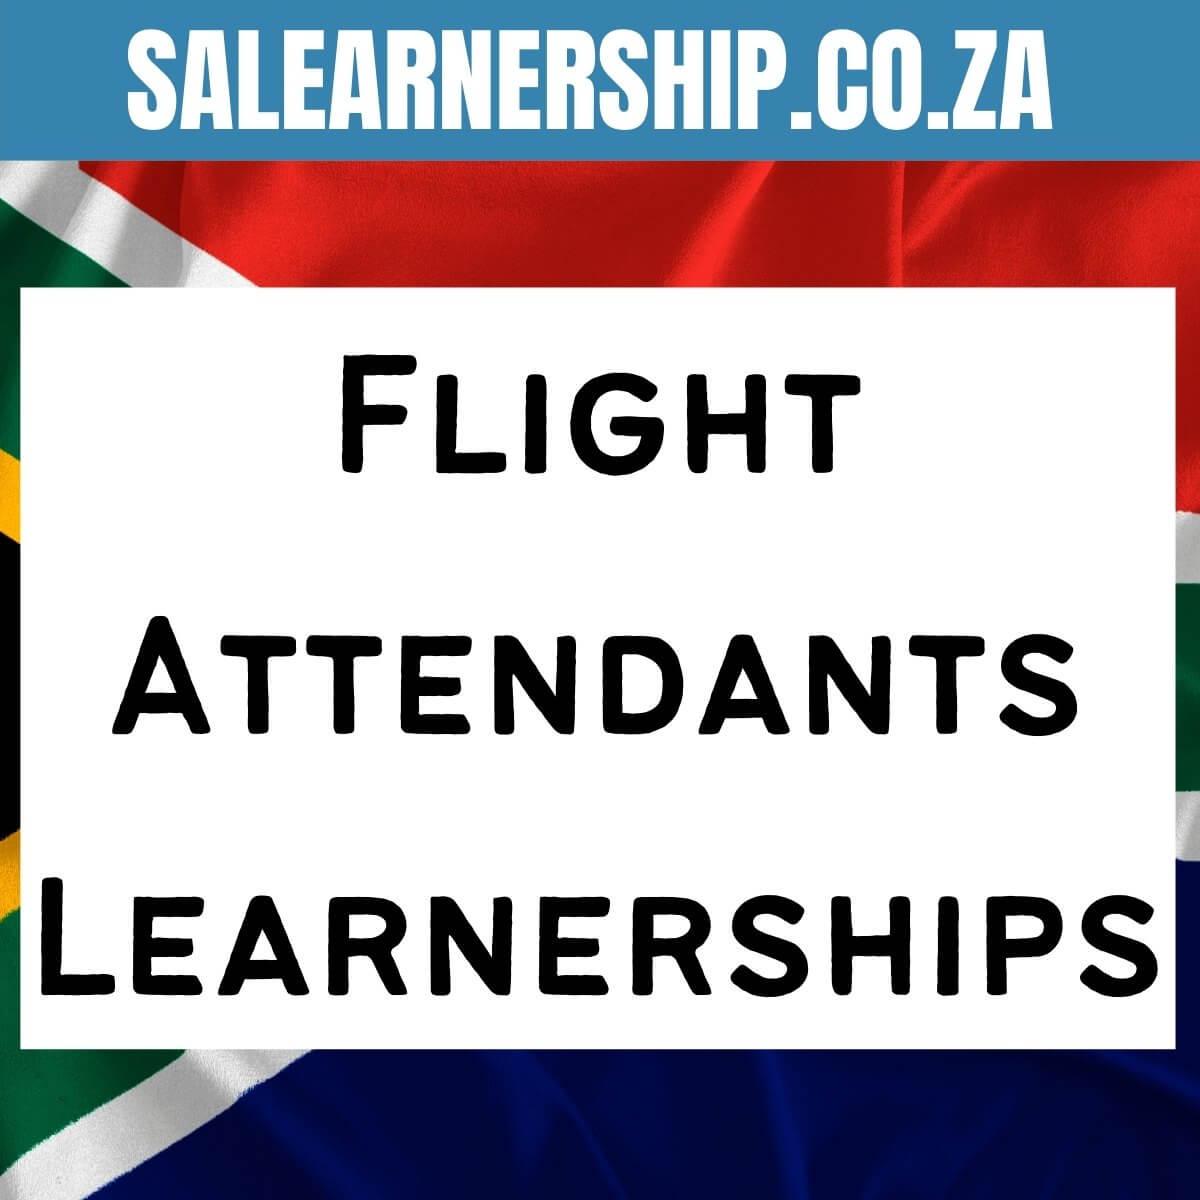 Flight Attendants Learnerships